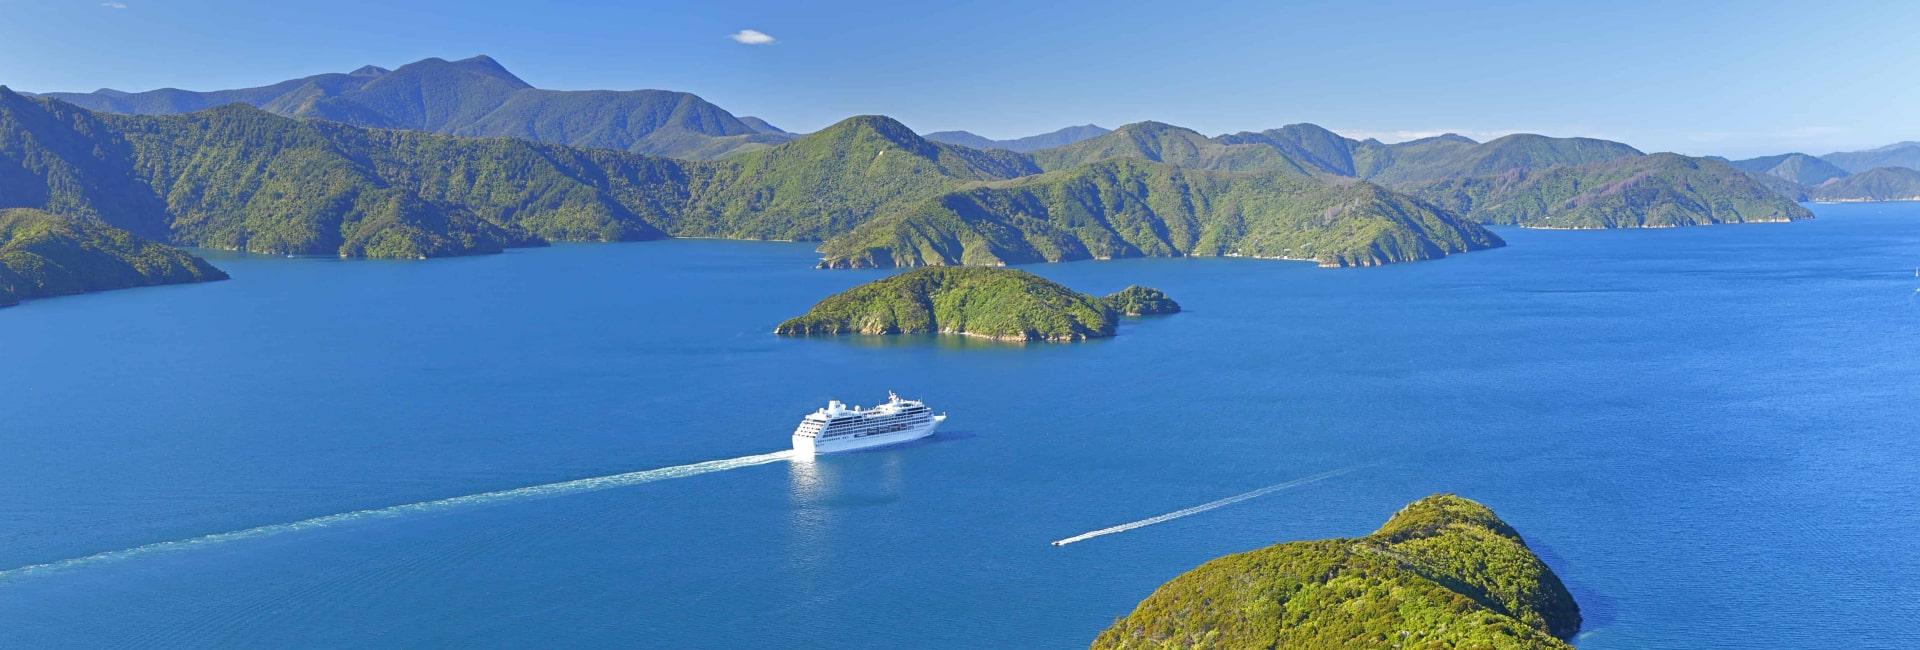 Marlborough Sounds i New Zealand